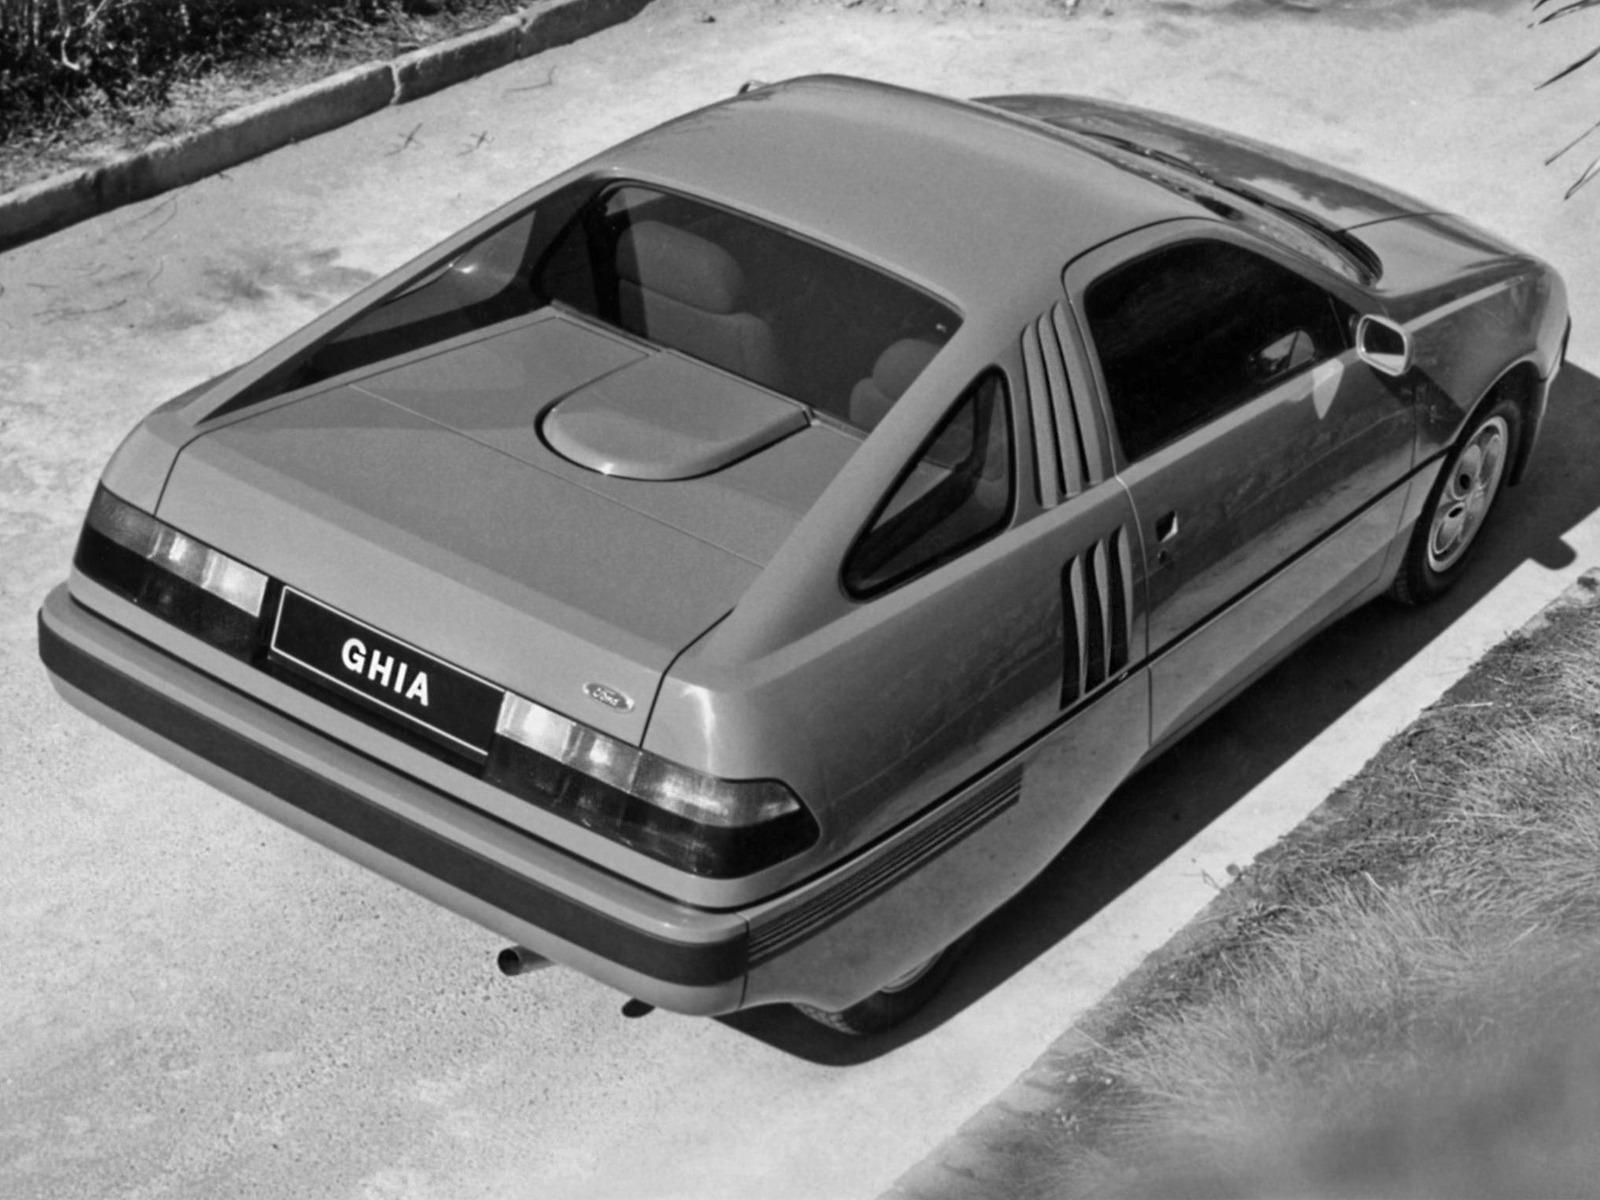 Volvo Near Me >> Ford Brezza Concept (1982) - Old Concept Cars